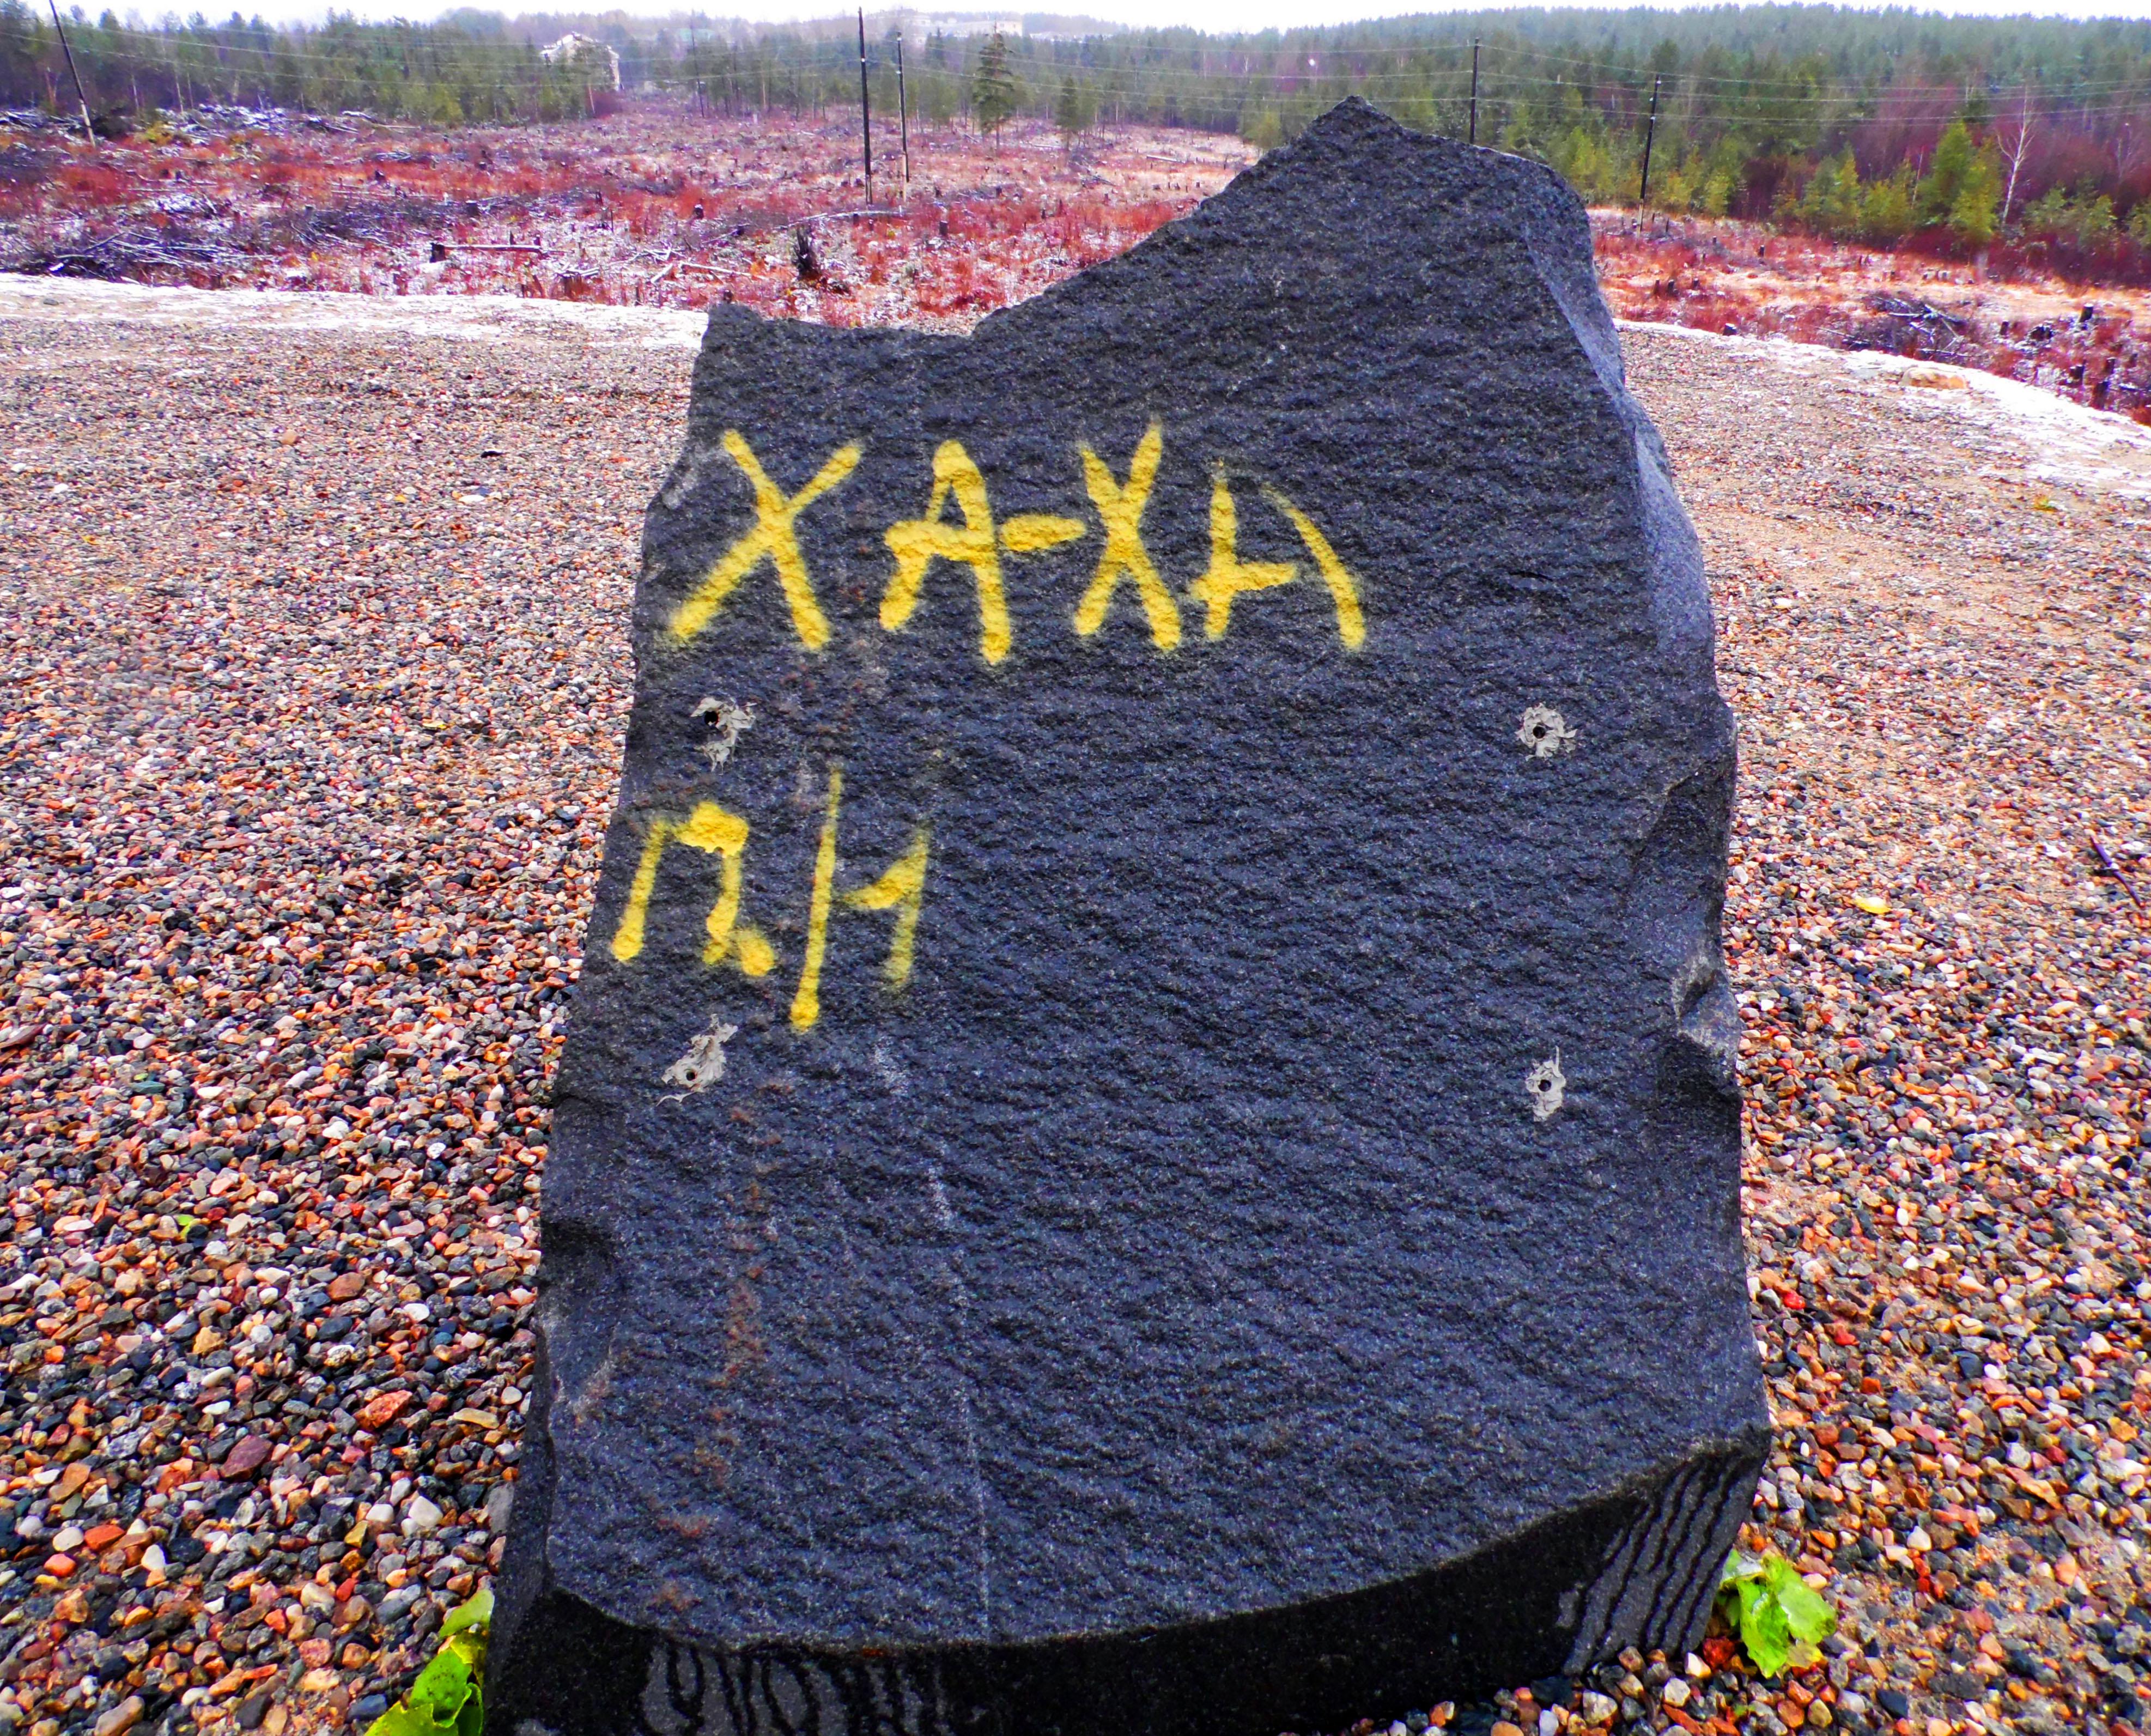 Памятной таблички на символическом камне, заложенном на месте строительства промышленного парка в Надвоицах, больше нет. Фото: Алексей Владимиров